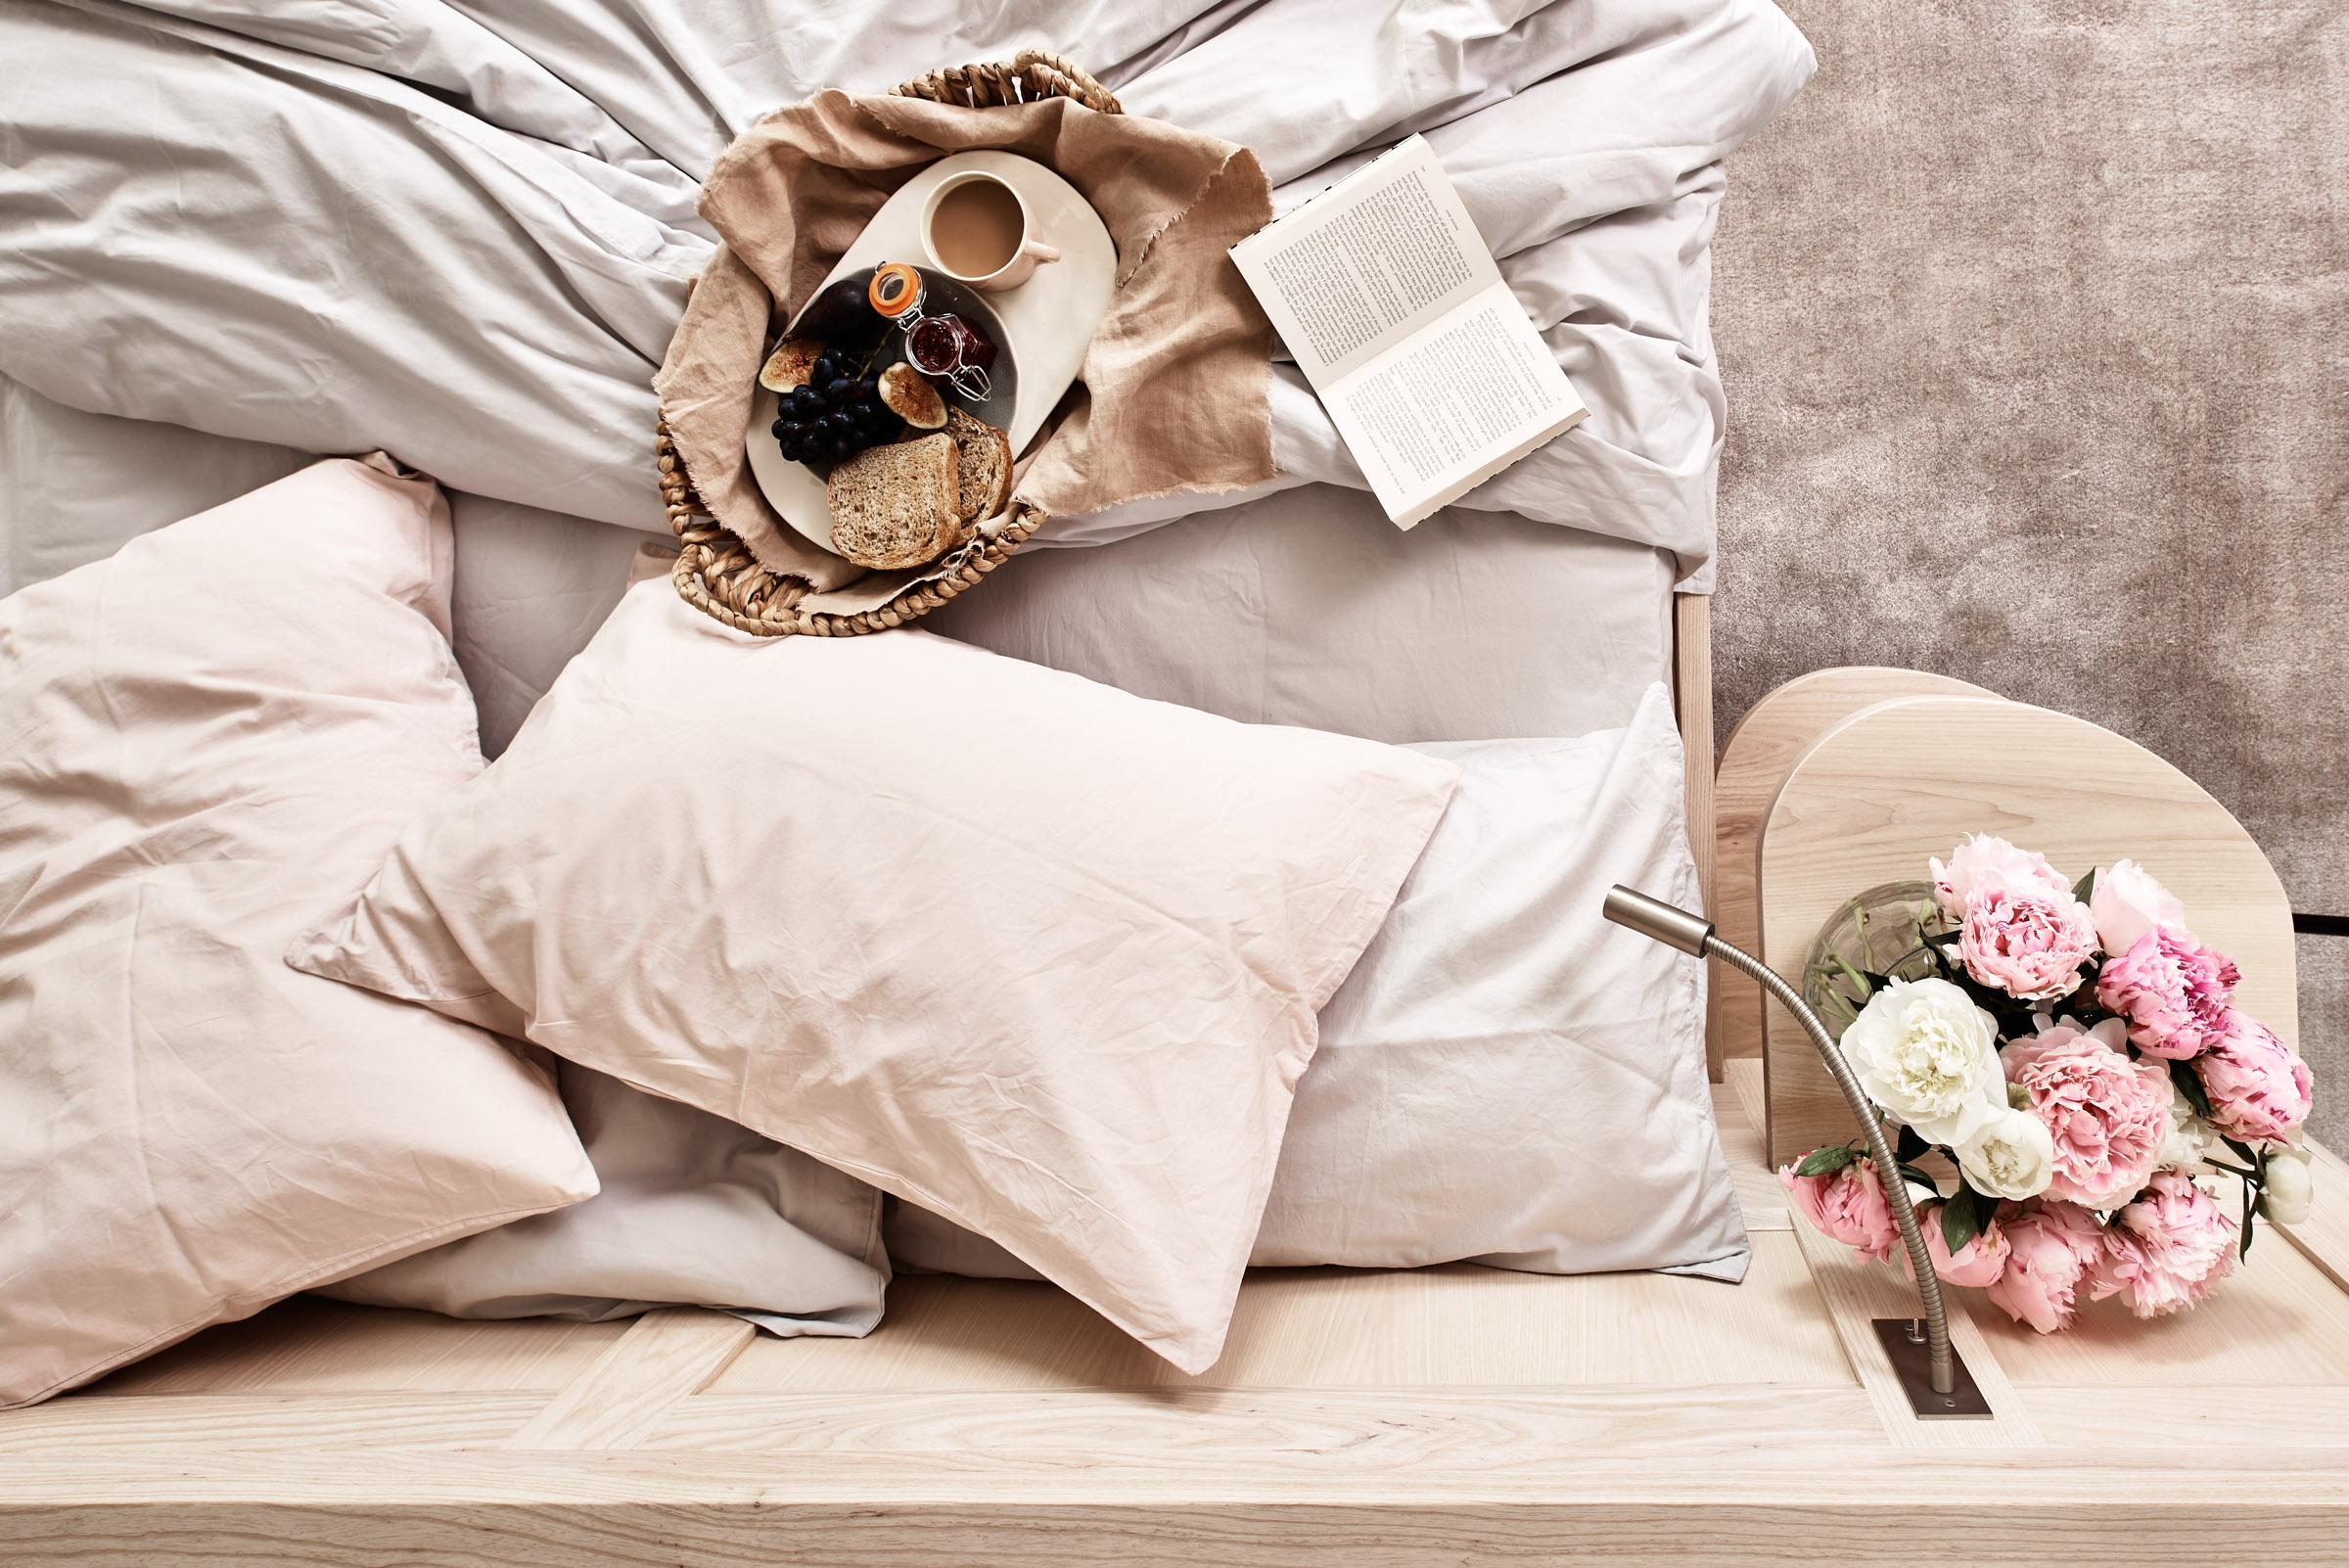 Breakfast in Bed -